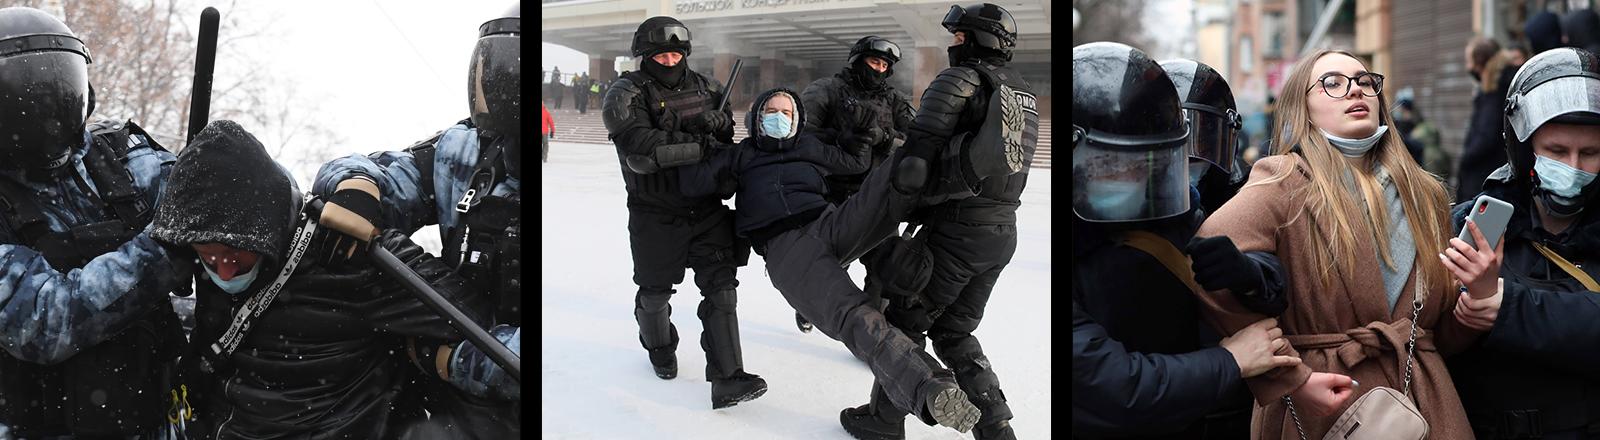 Russsische Polizisten nehmen bei den Protesten gegen die Inhaftierung Alexeij Nawalnys am 31.01.2021 Demonstranten und Demonstrantinnen fest - links: Moskau, Mitte: Krasnoyarsk | Rostov-on-Don